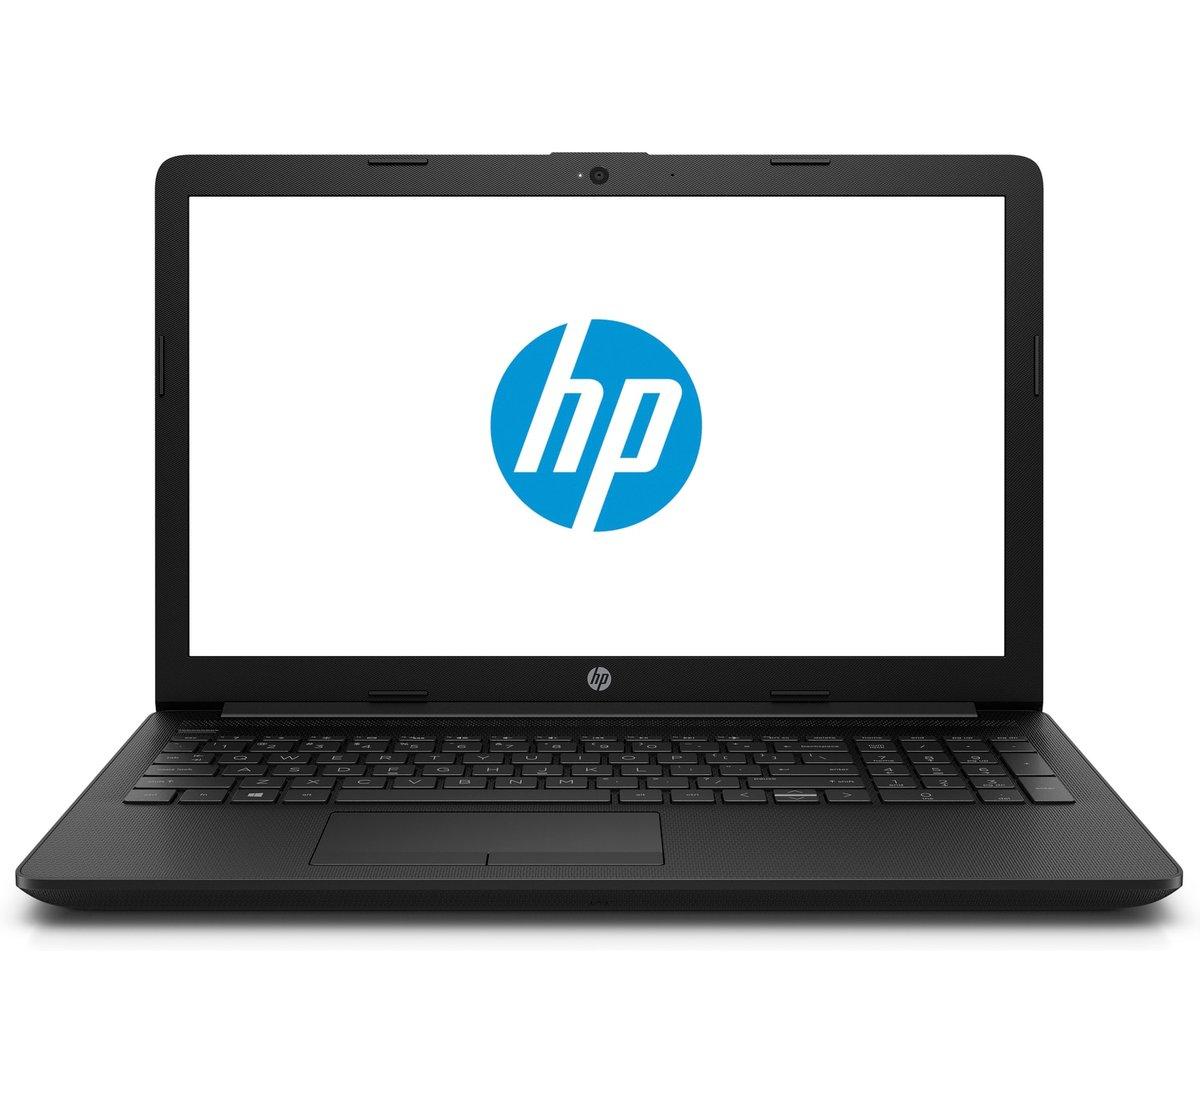 HP Notebook 15-db0013ng 39,6 cm (15,6 Zoll Full HD) Notebook (AMD Ryzen 3-2200U, 4GB DDR4 RAM, 1TB HDD, AMD Radeon Vega, FreeDOS 2.0)